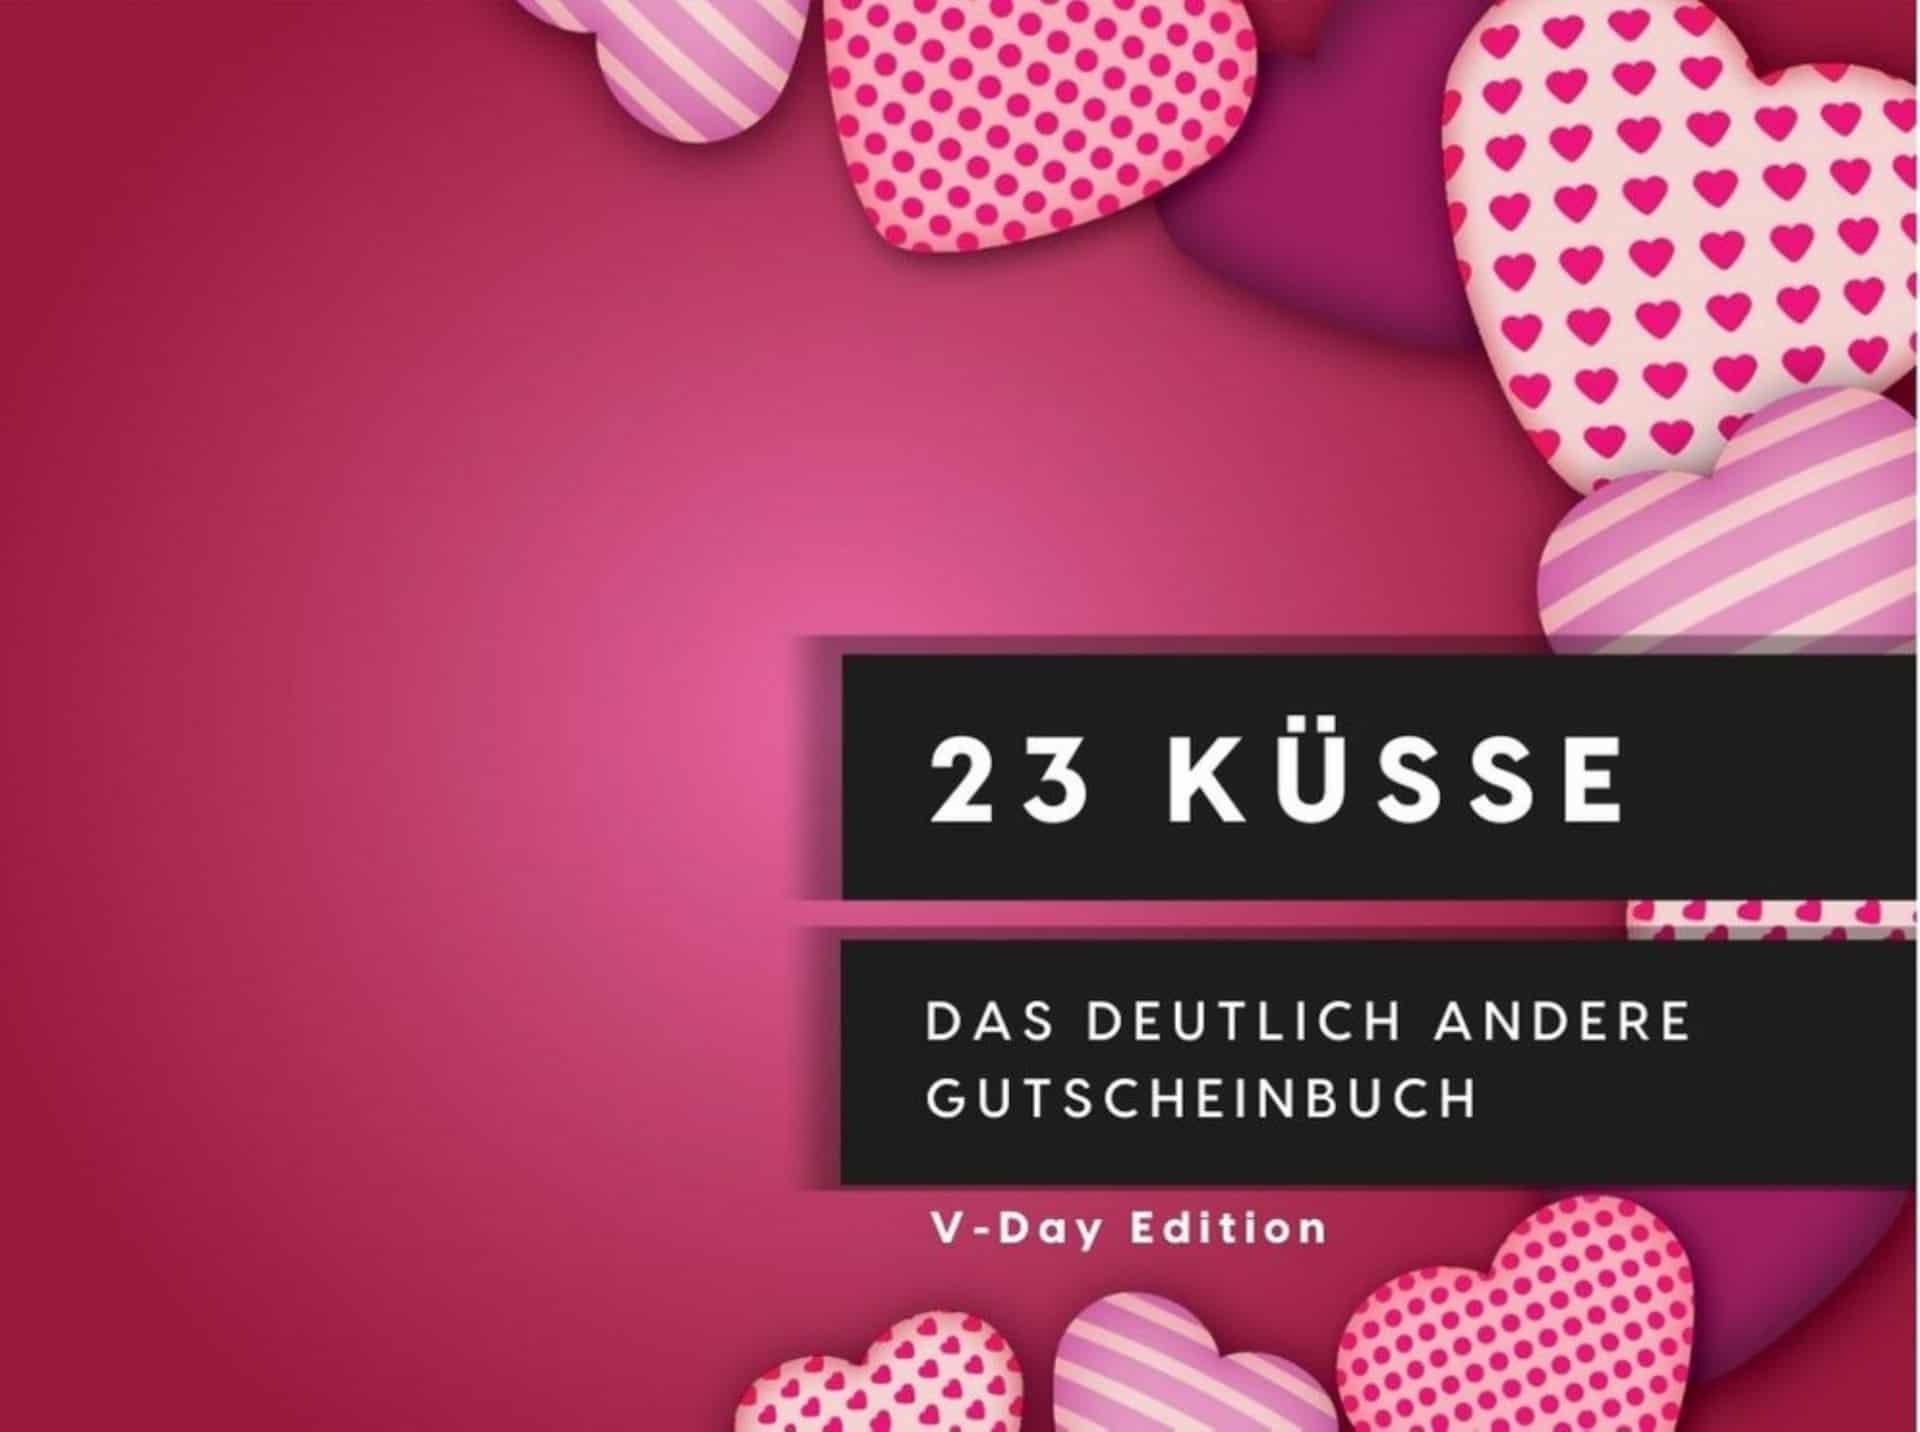 23 Küsse Gutscheinbuch zum Valentinstag